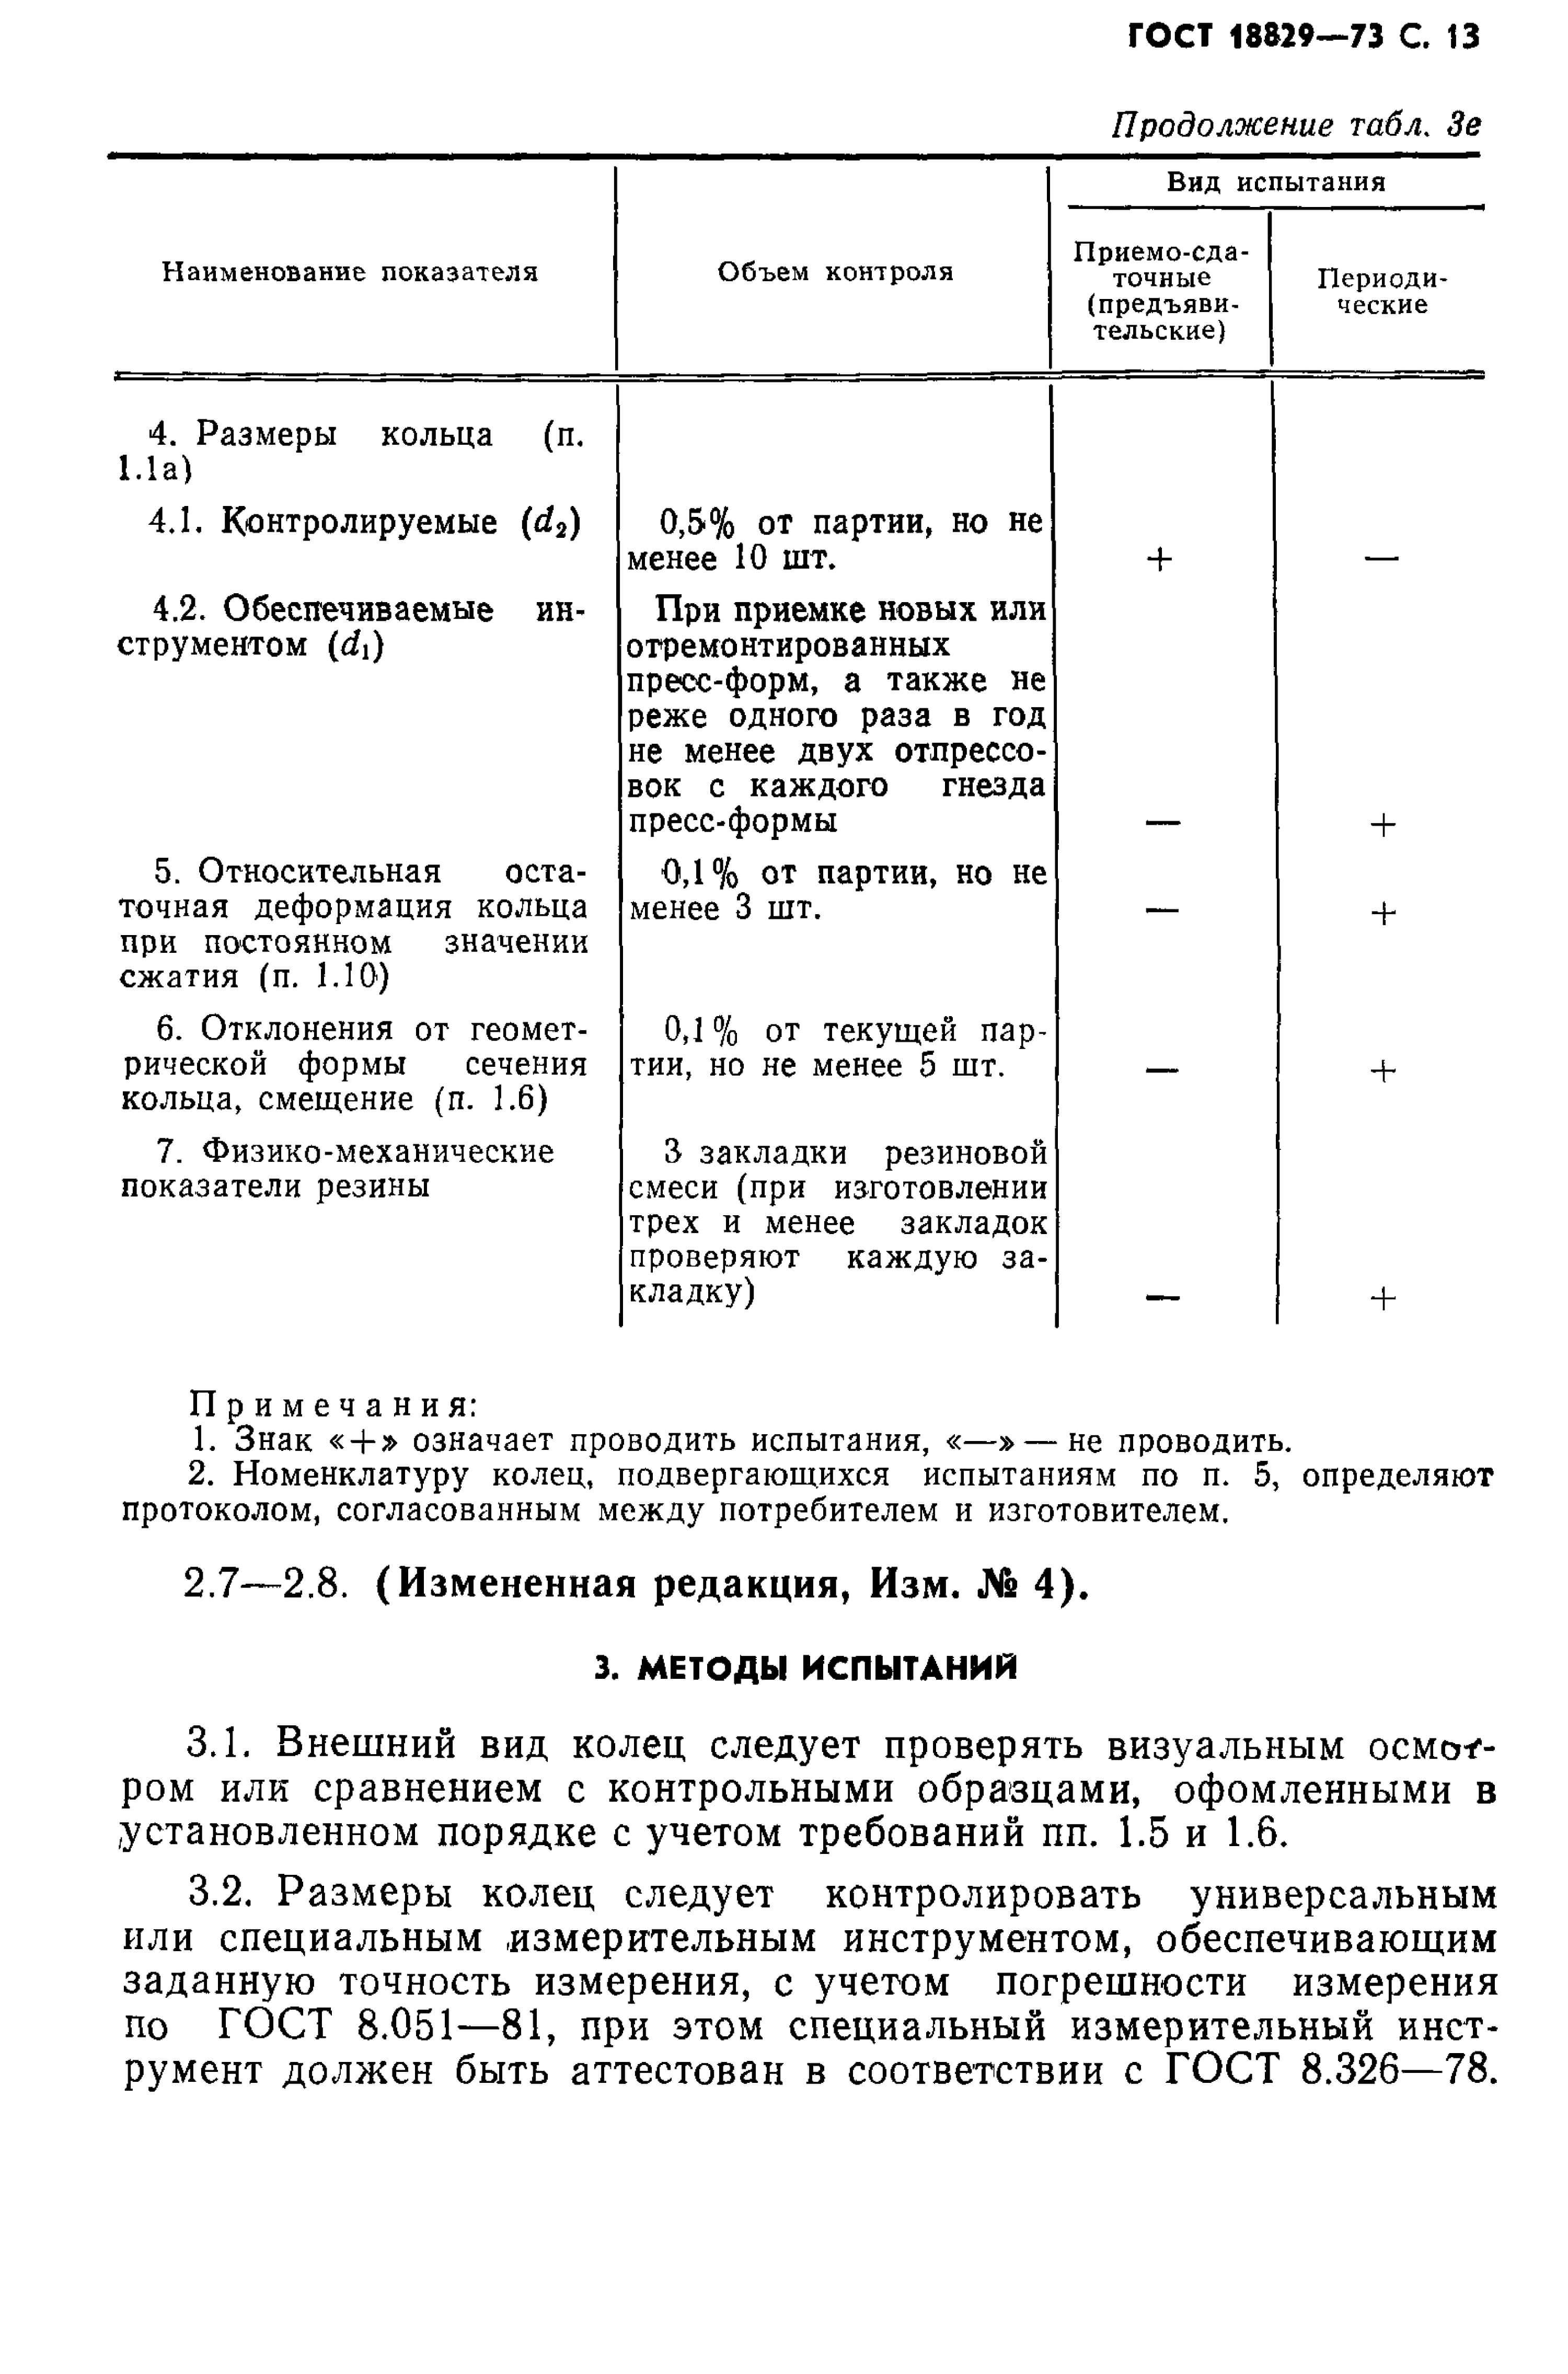 GOST_18829-73__14_.jpg